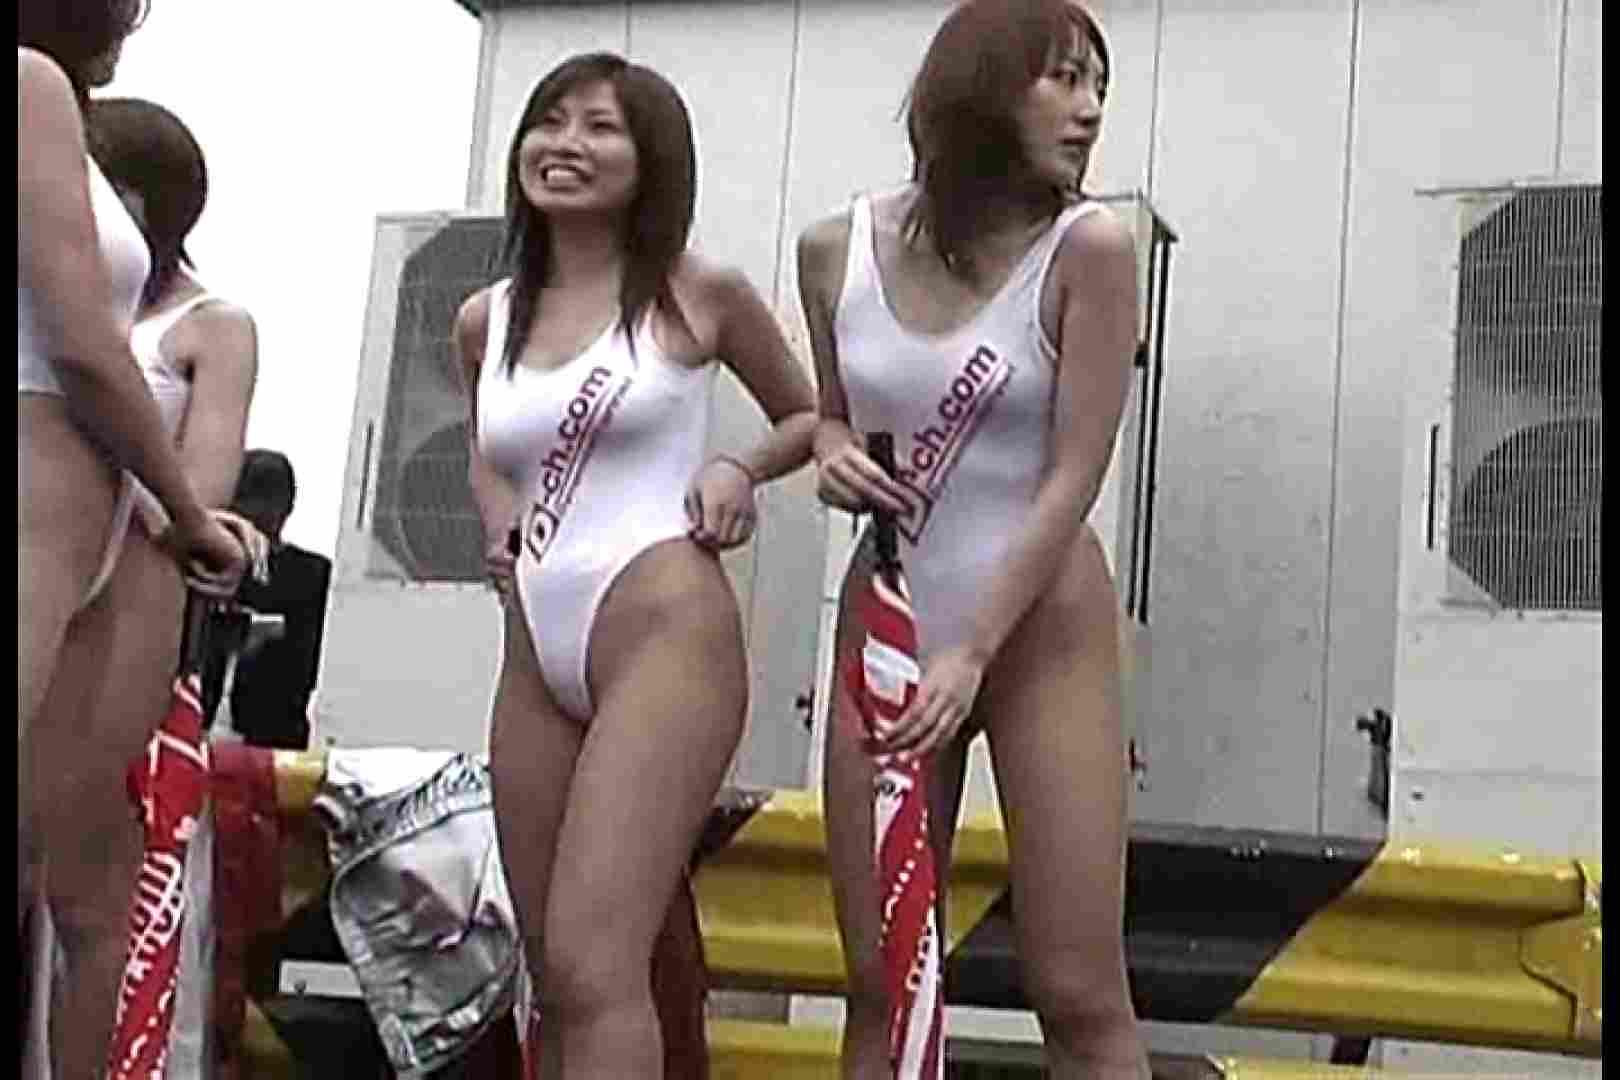 RQカメラ地獄Vol.4 OLの実態 覗き性交動画流出 53pic 20